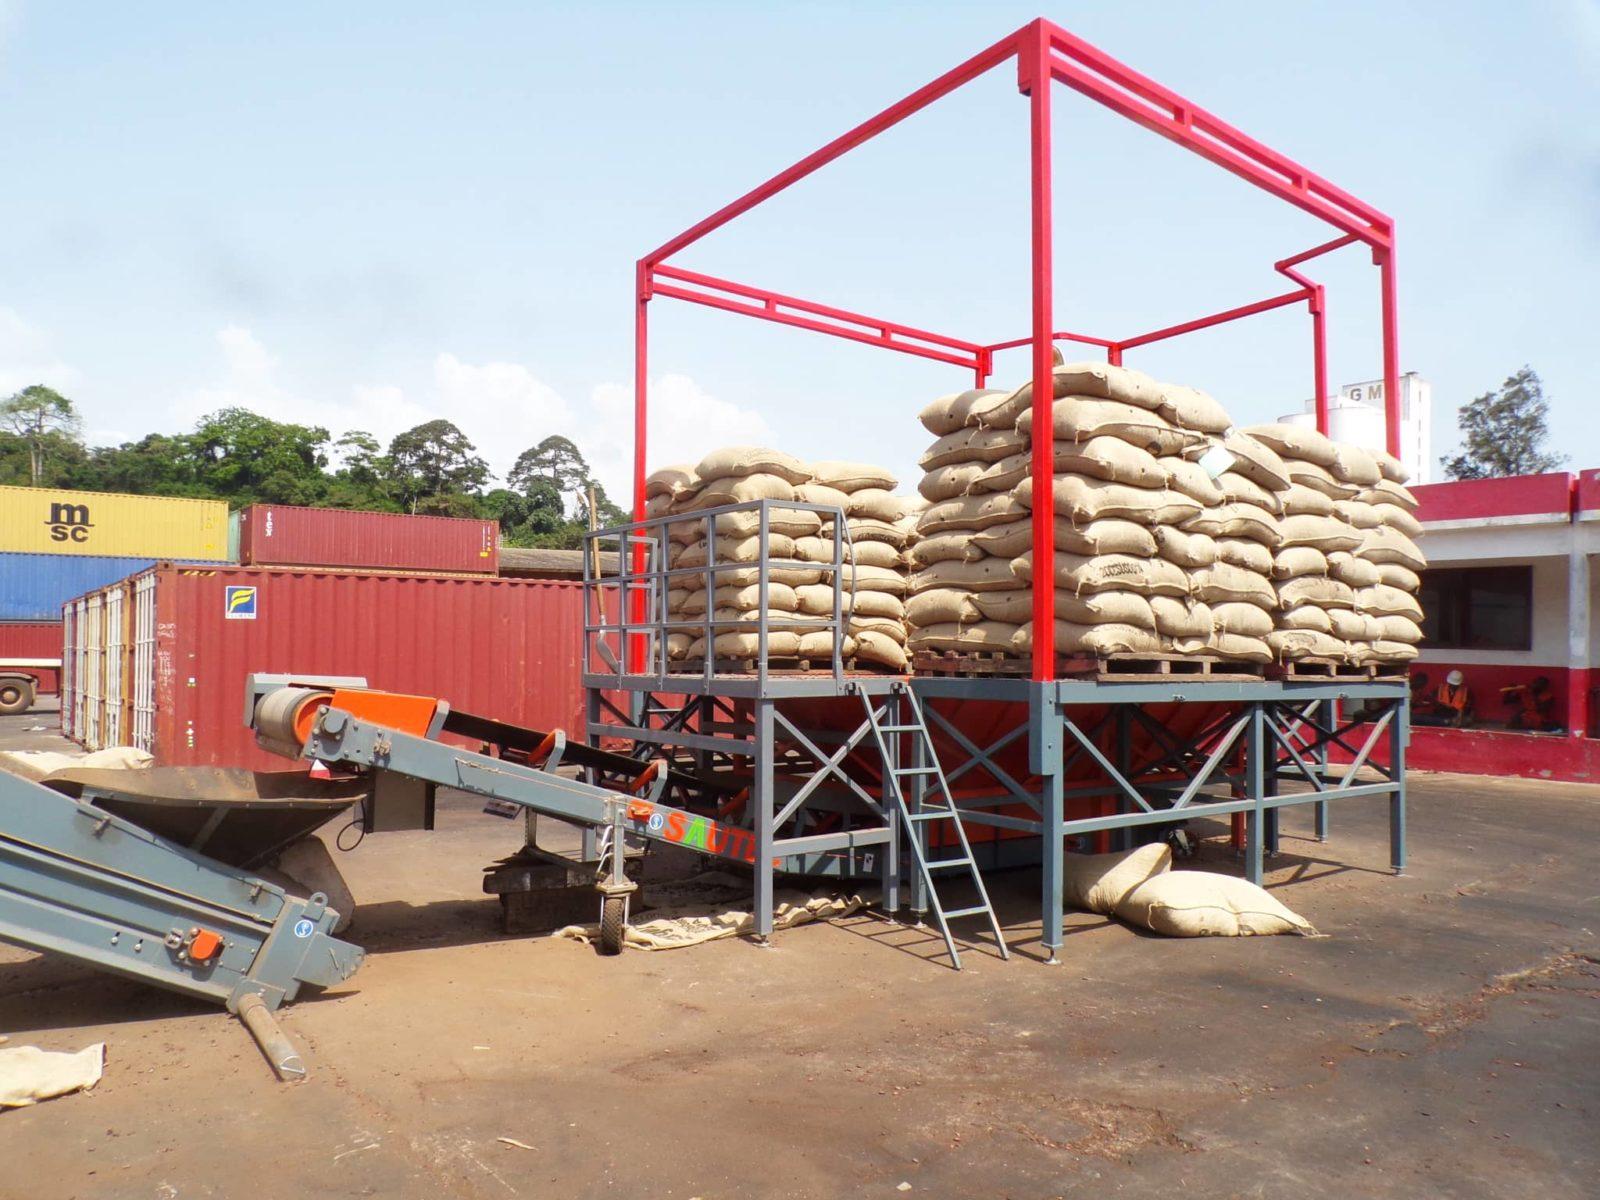 Trémie de déchargement sautec avec plateforme pour découper les sacs de cacao